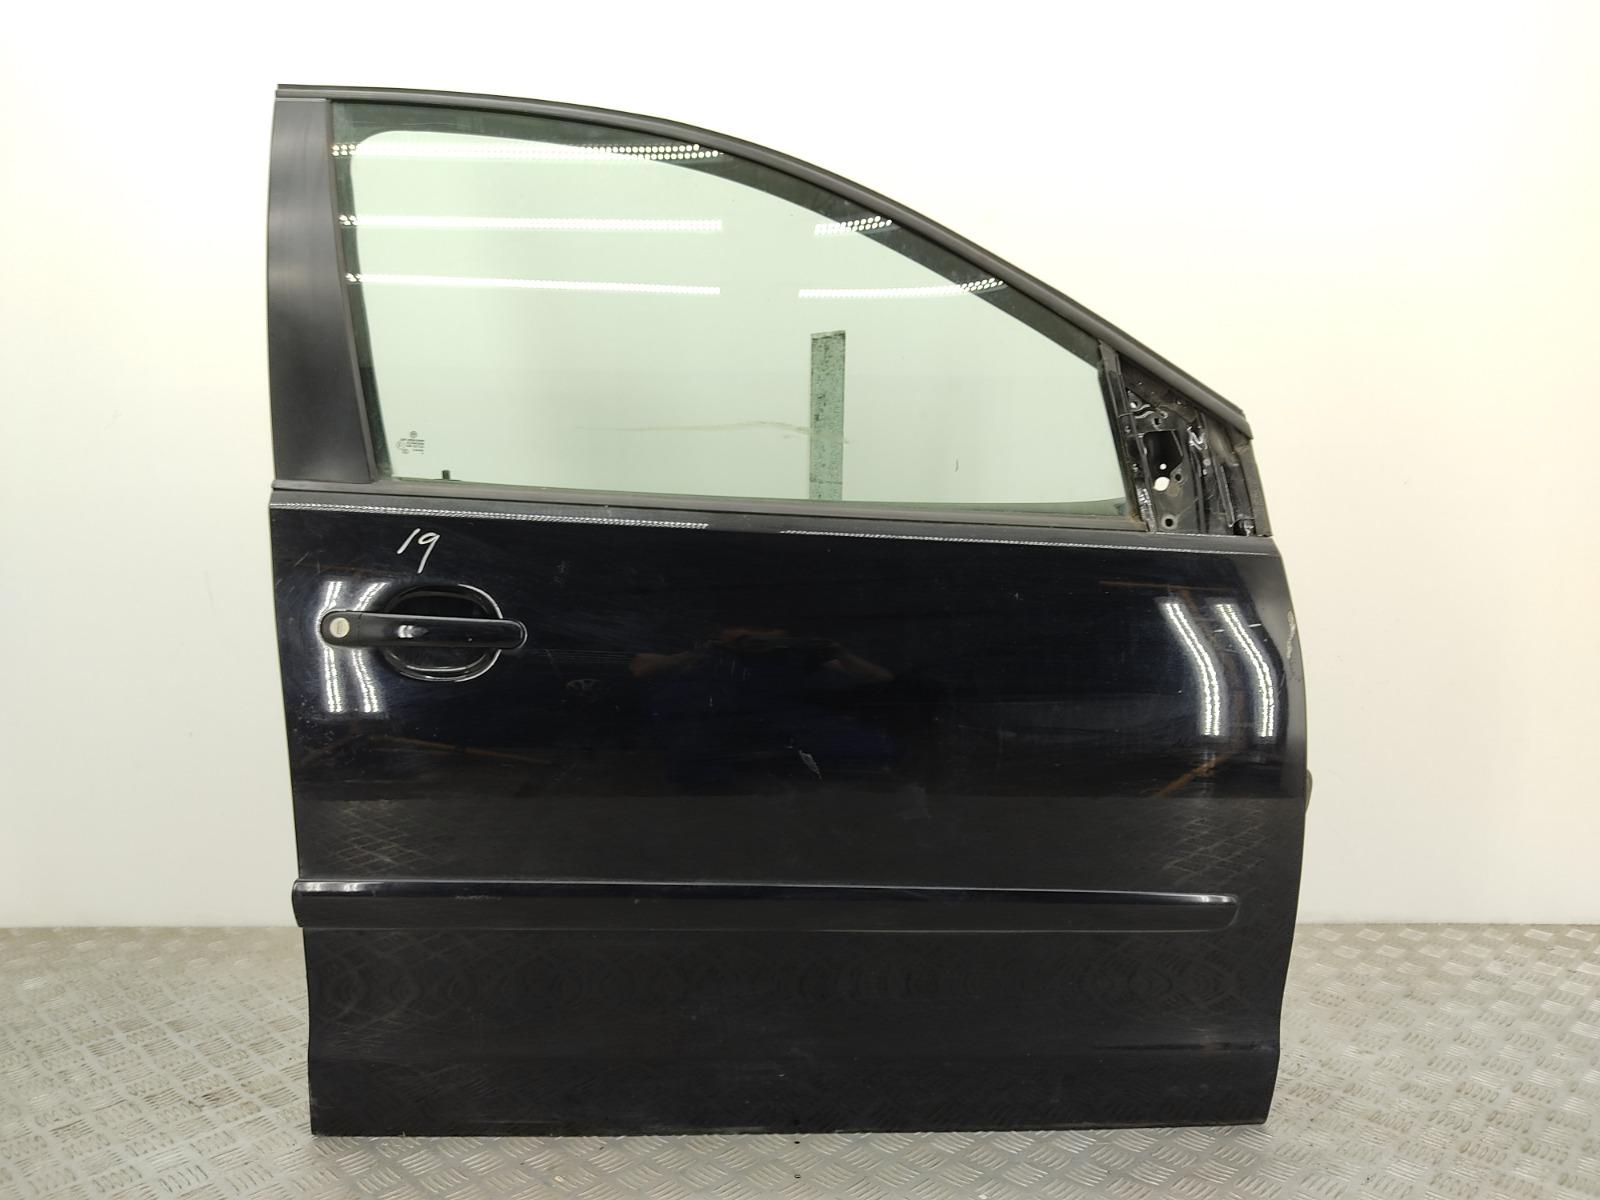 Дверь передняя правая Volkswagen Polo 1.4 TDI 2006 (б/у)